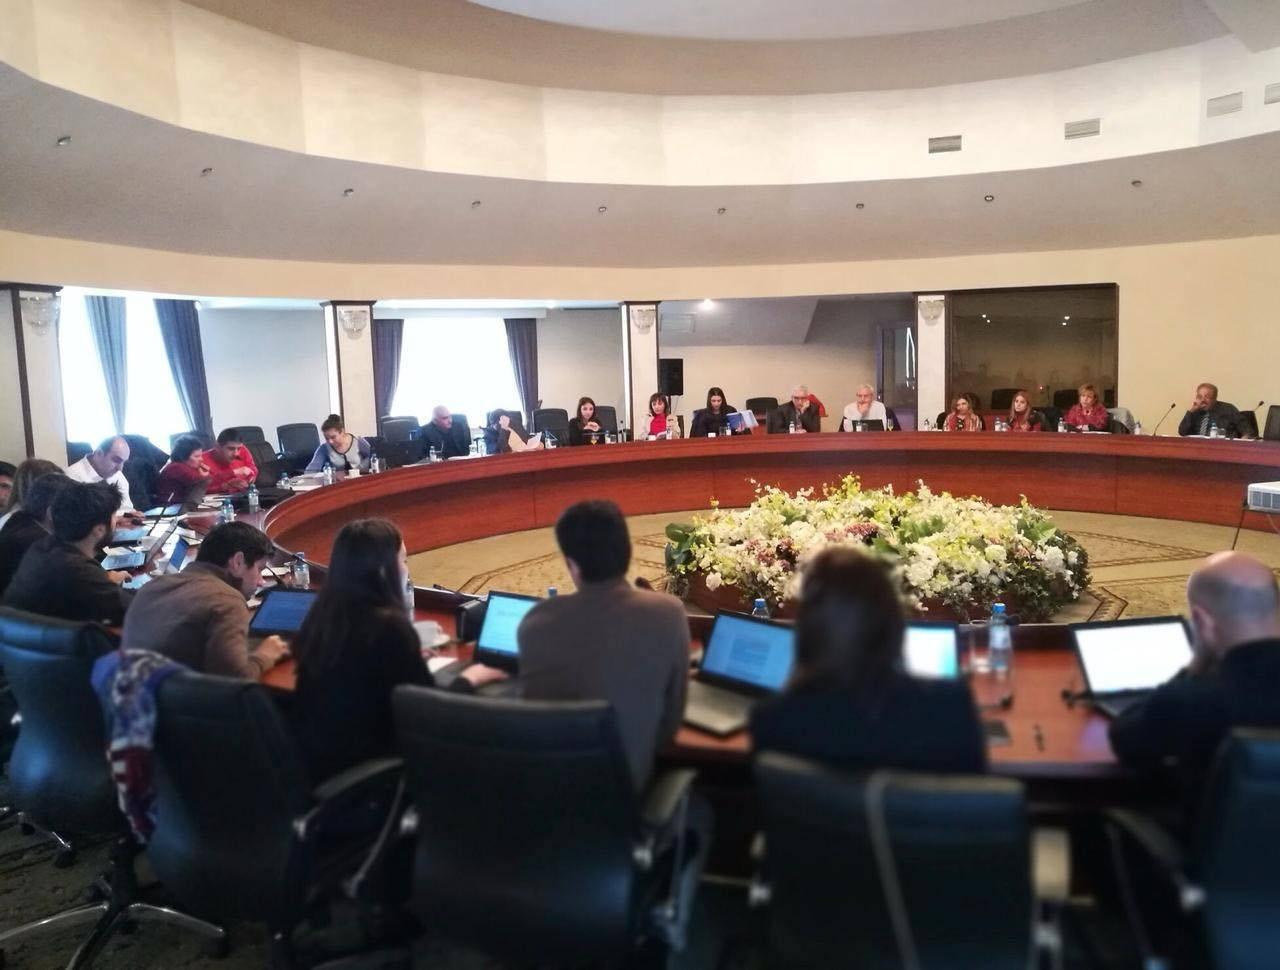 Աշխատաժողով «Շահագրգիռ կողմերի հանդիպում ԱՃԹՆ-ի զեկույցի նախագծի և 2019 թվականի ԱՃԹՆ-ի աշխատանքների շուրջ» խորագրով